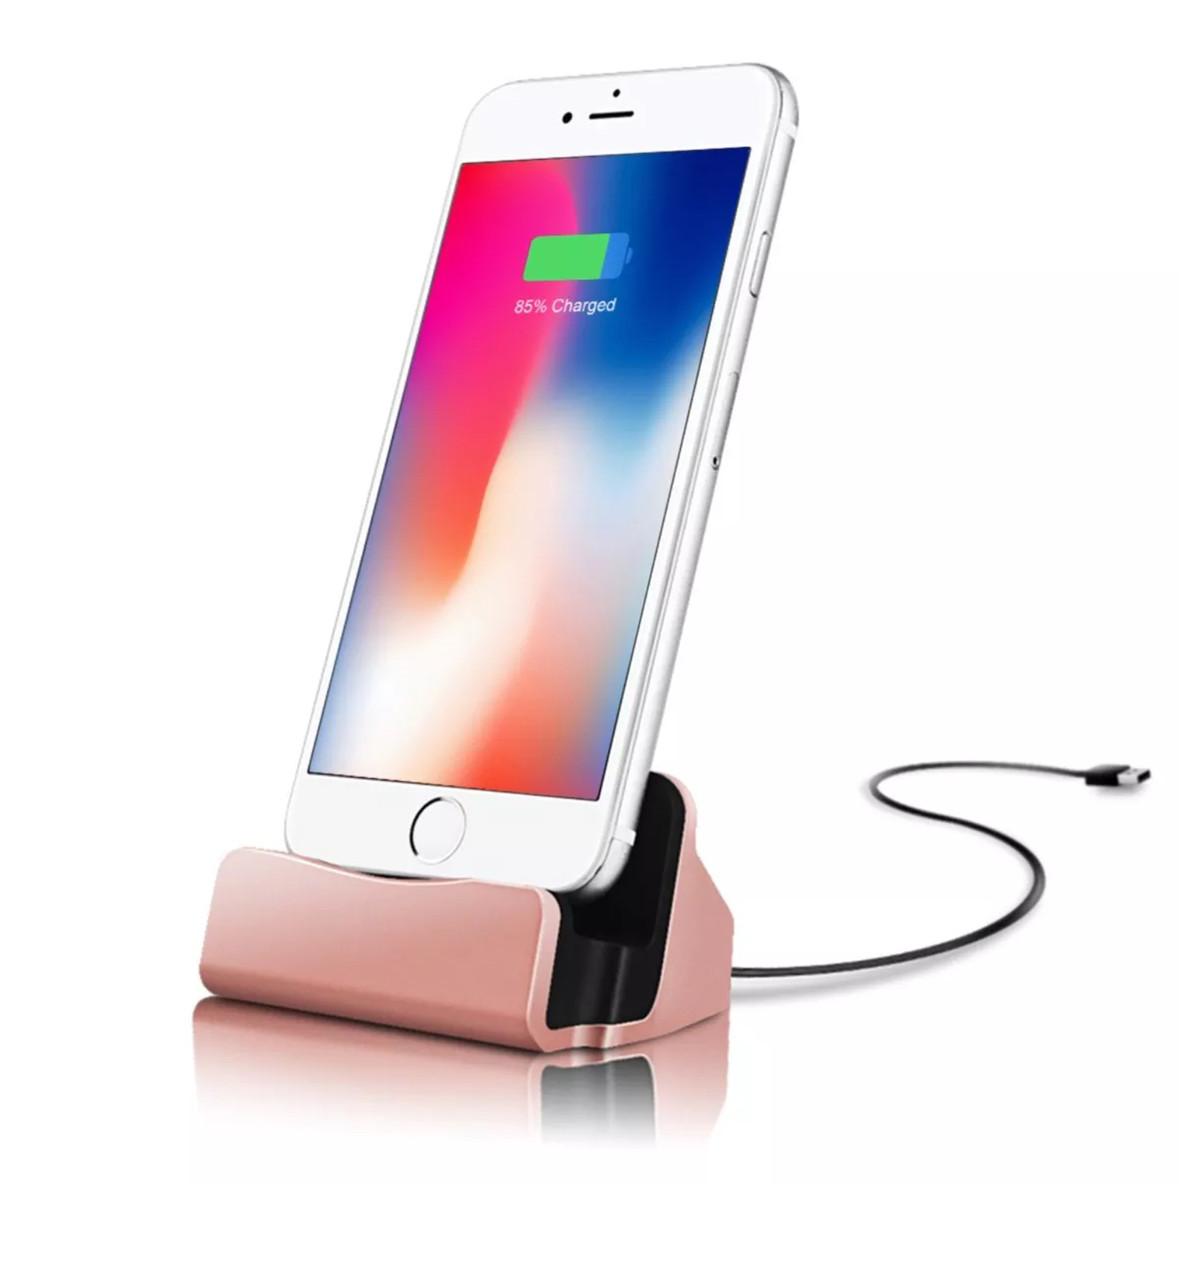 Док-станция, зарядное устройство, подставка для iPhone   (розовый)